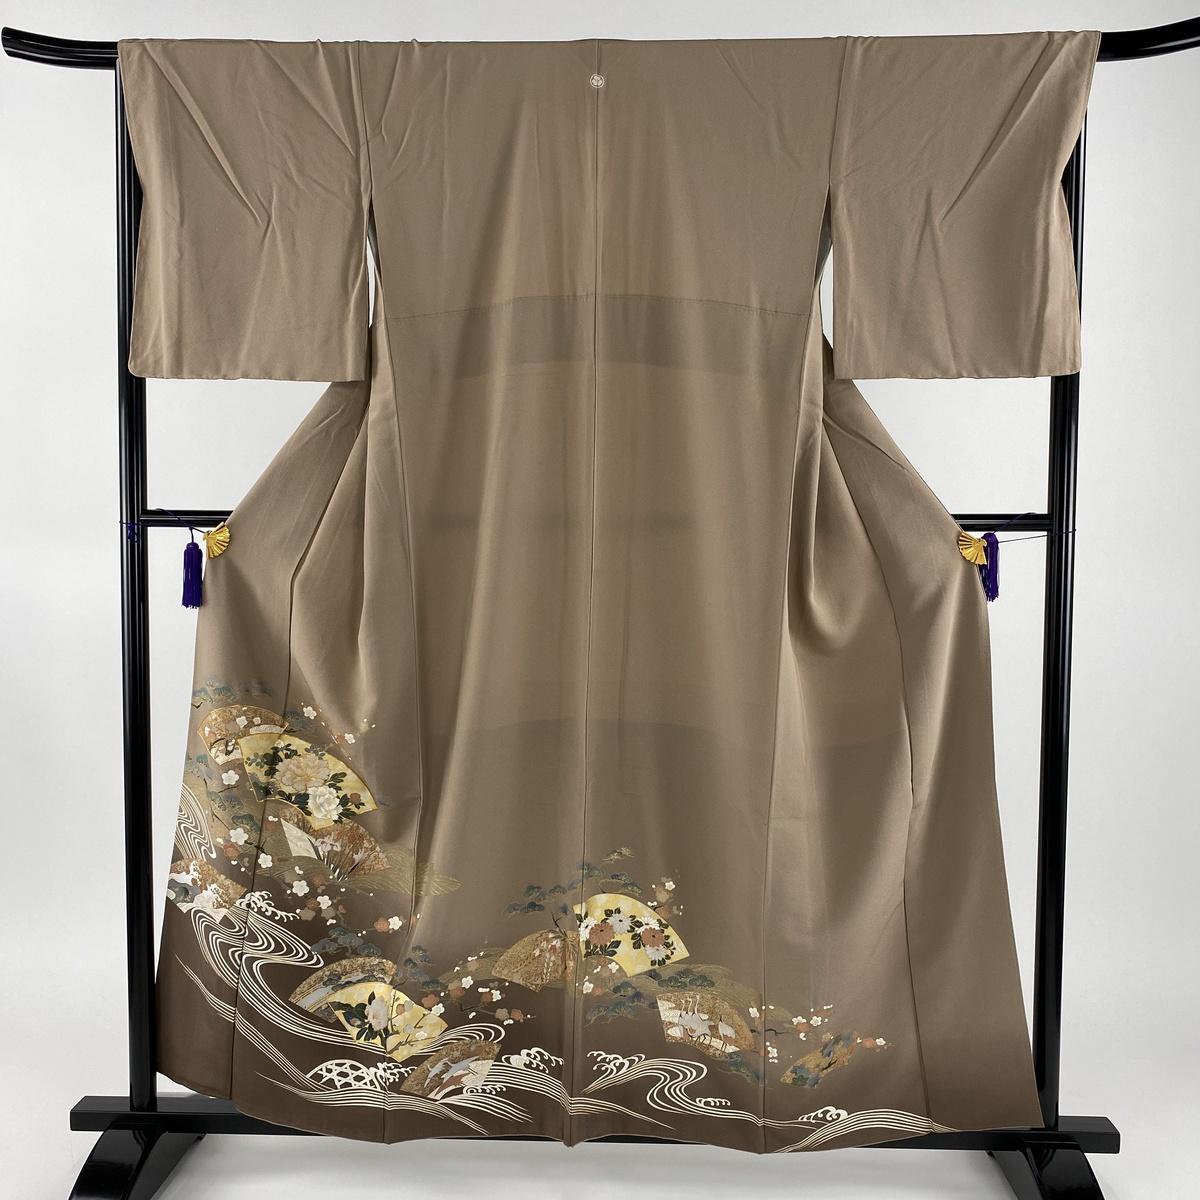 色留袖 美品 秀品 一つ紋 扇面 草花 金彩 金糸 薄茶色 袷 身丈159cm 裄丈68cm L 正絹 【中古】